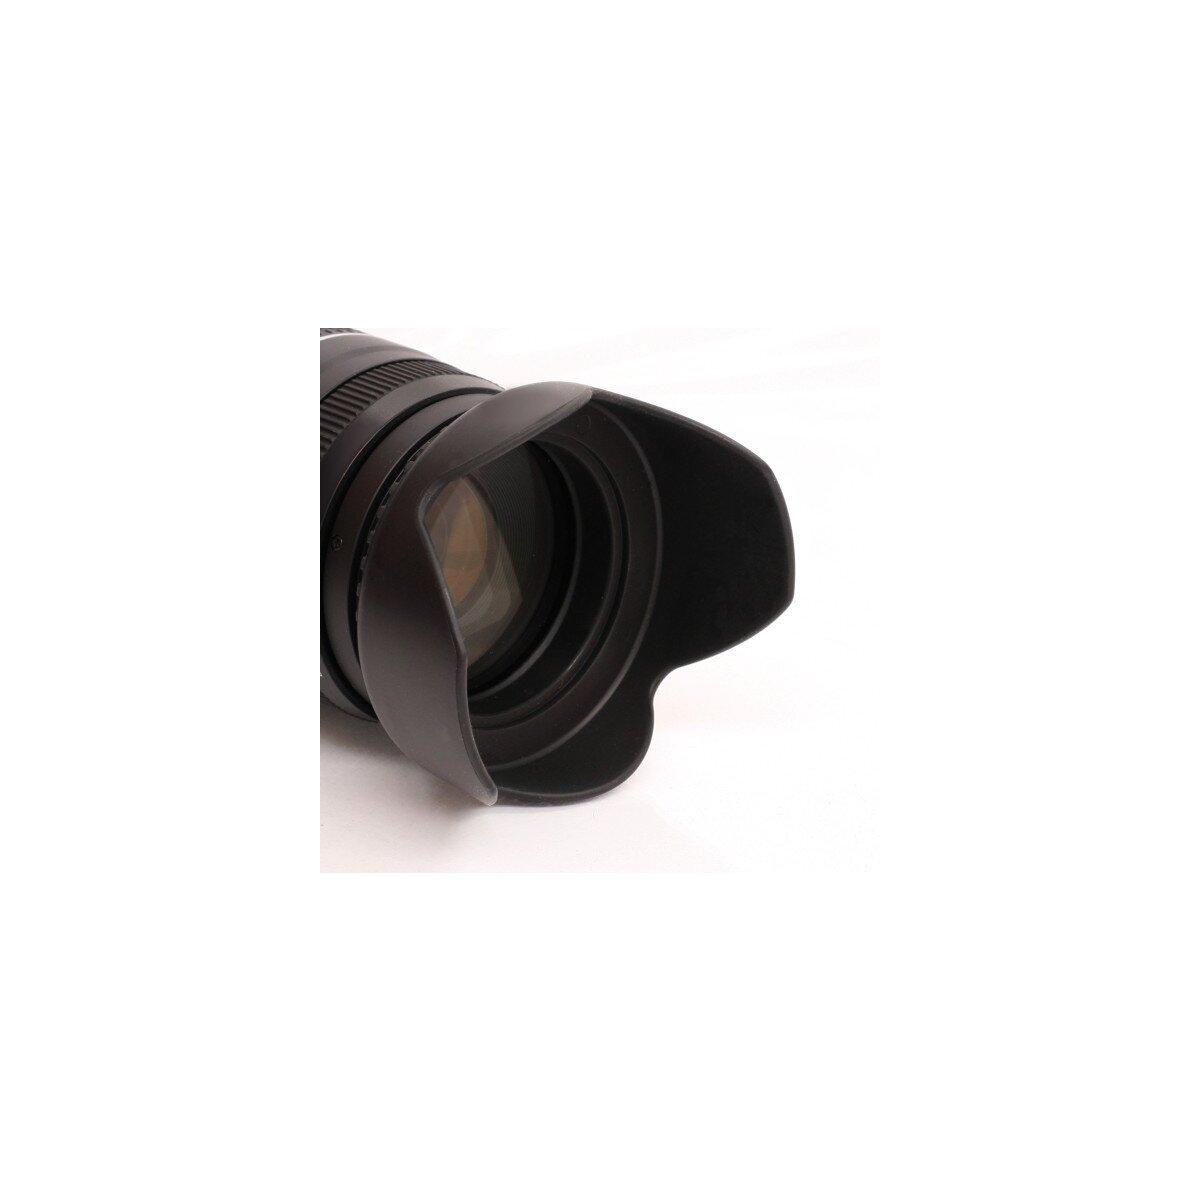 Gegenlichtblende Streulichtblende Sonnenblende Lens Hood mit 77mm Schraubgewinde